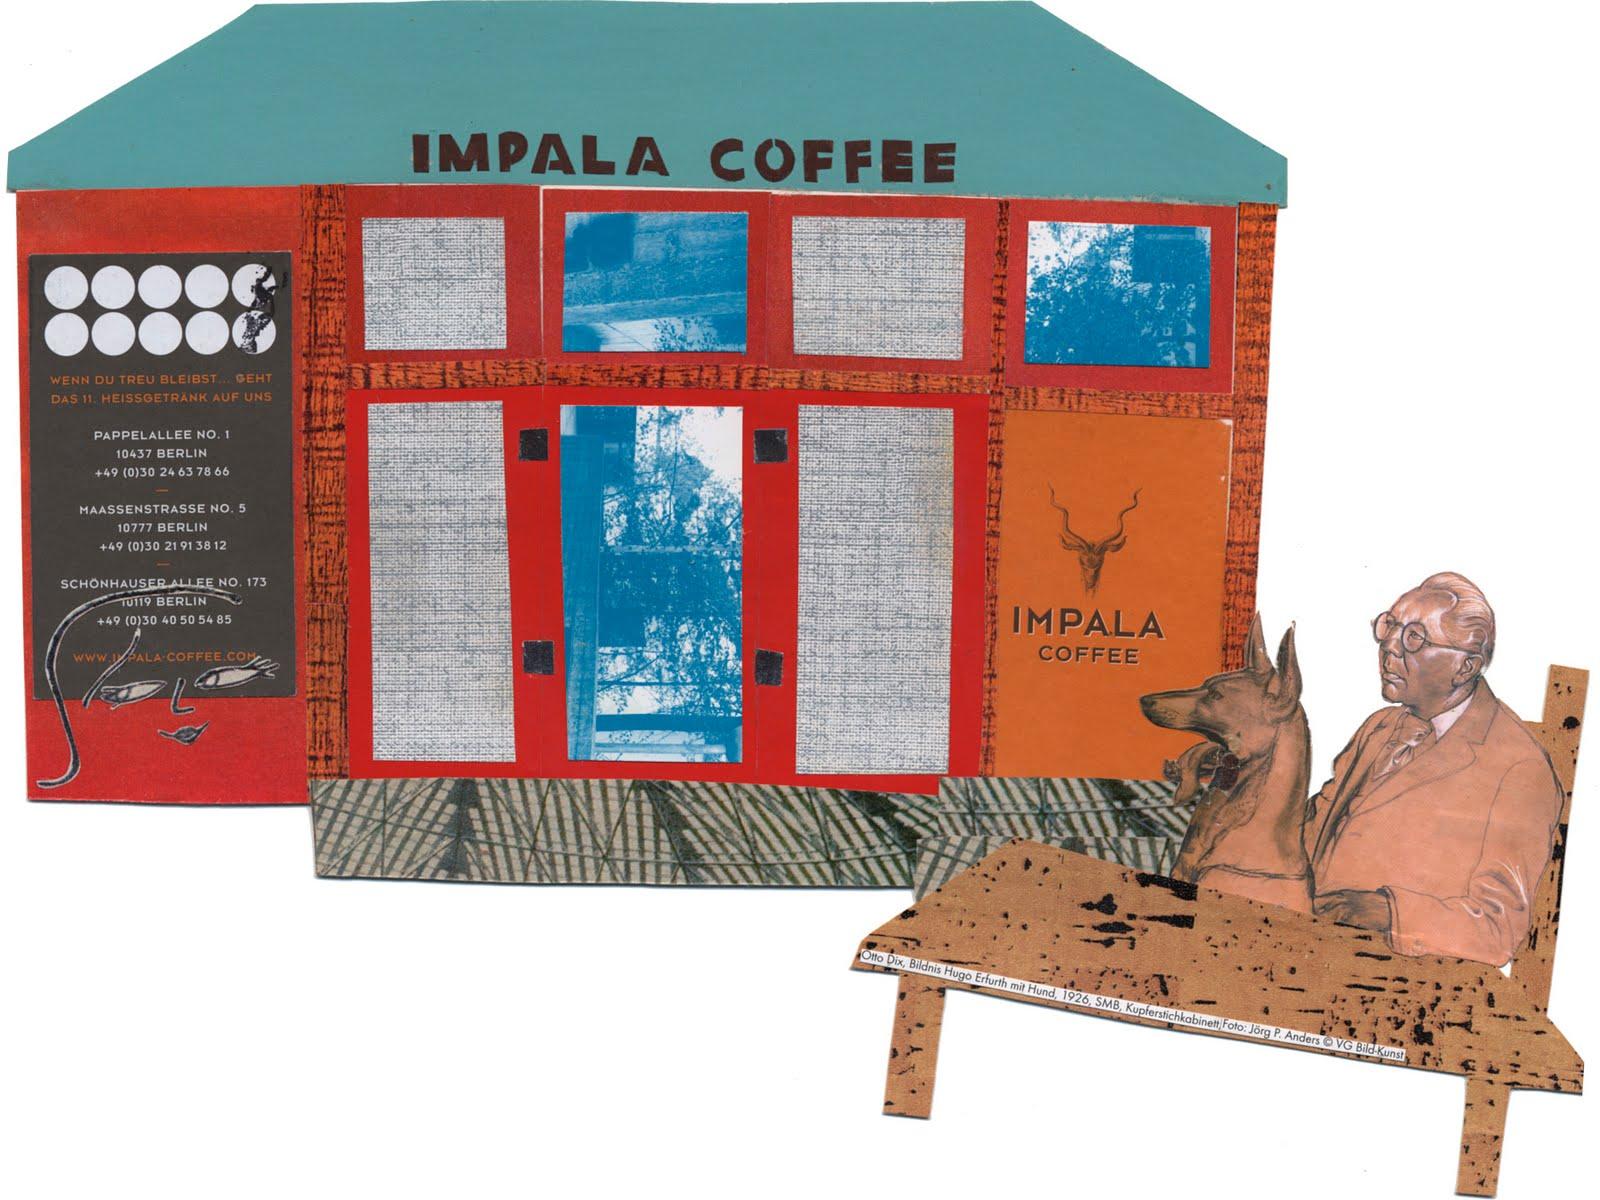 http://3.bp.blogspot.com/_nzZOLaVWjAk/TMeI4-tC9uI/AAAAAAAAAWg/2WLaU2vNim8/s1600/Impala.jpg